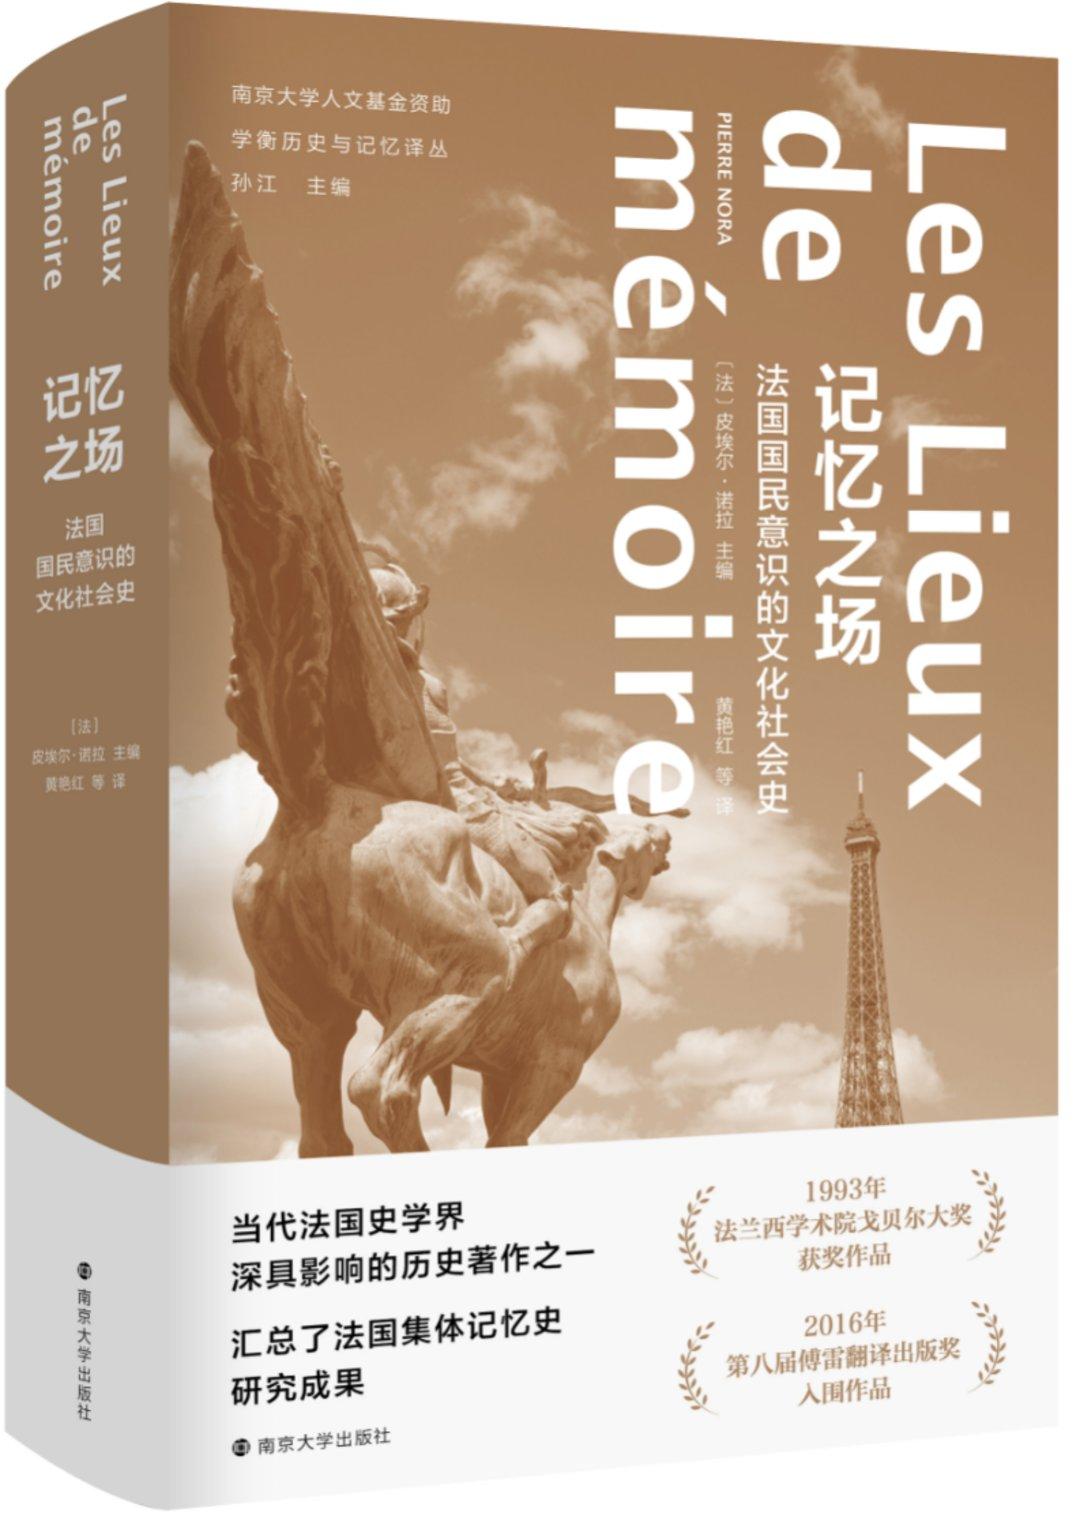 汇总法国集体记忆史研究成果,如何书写法兰西历史?_文化_好奇心日报